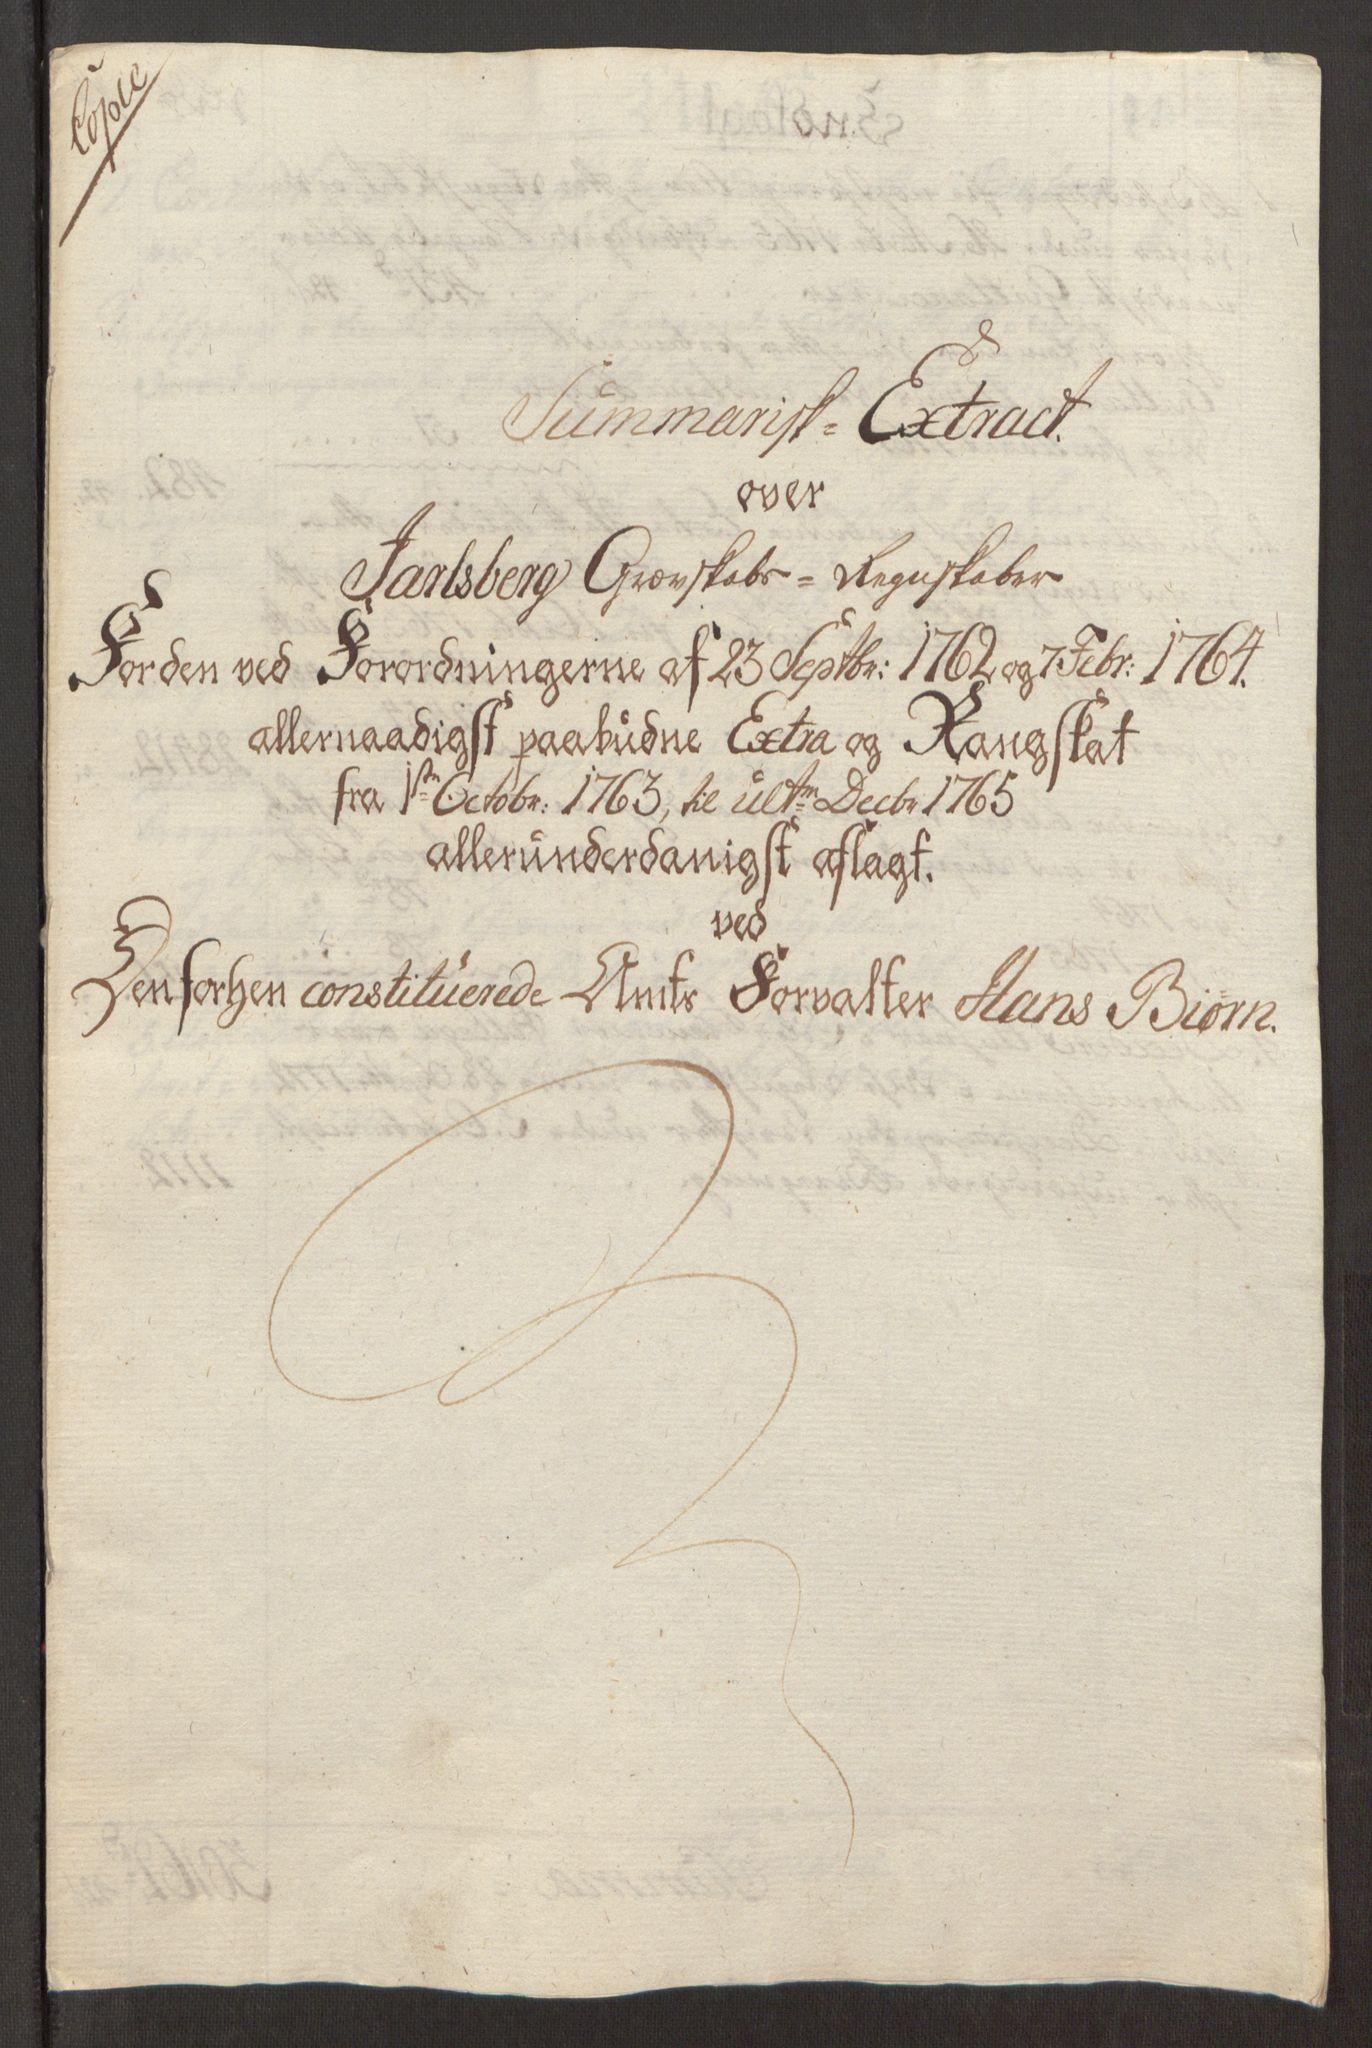 RA, Rentekammeret inntil 1814, Reviderte regnskaper, Fogderegnskap, R32/L1960: Ekstraskatten Jarlsberg grevskap, 1762-1772, s. 86